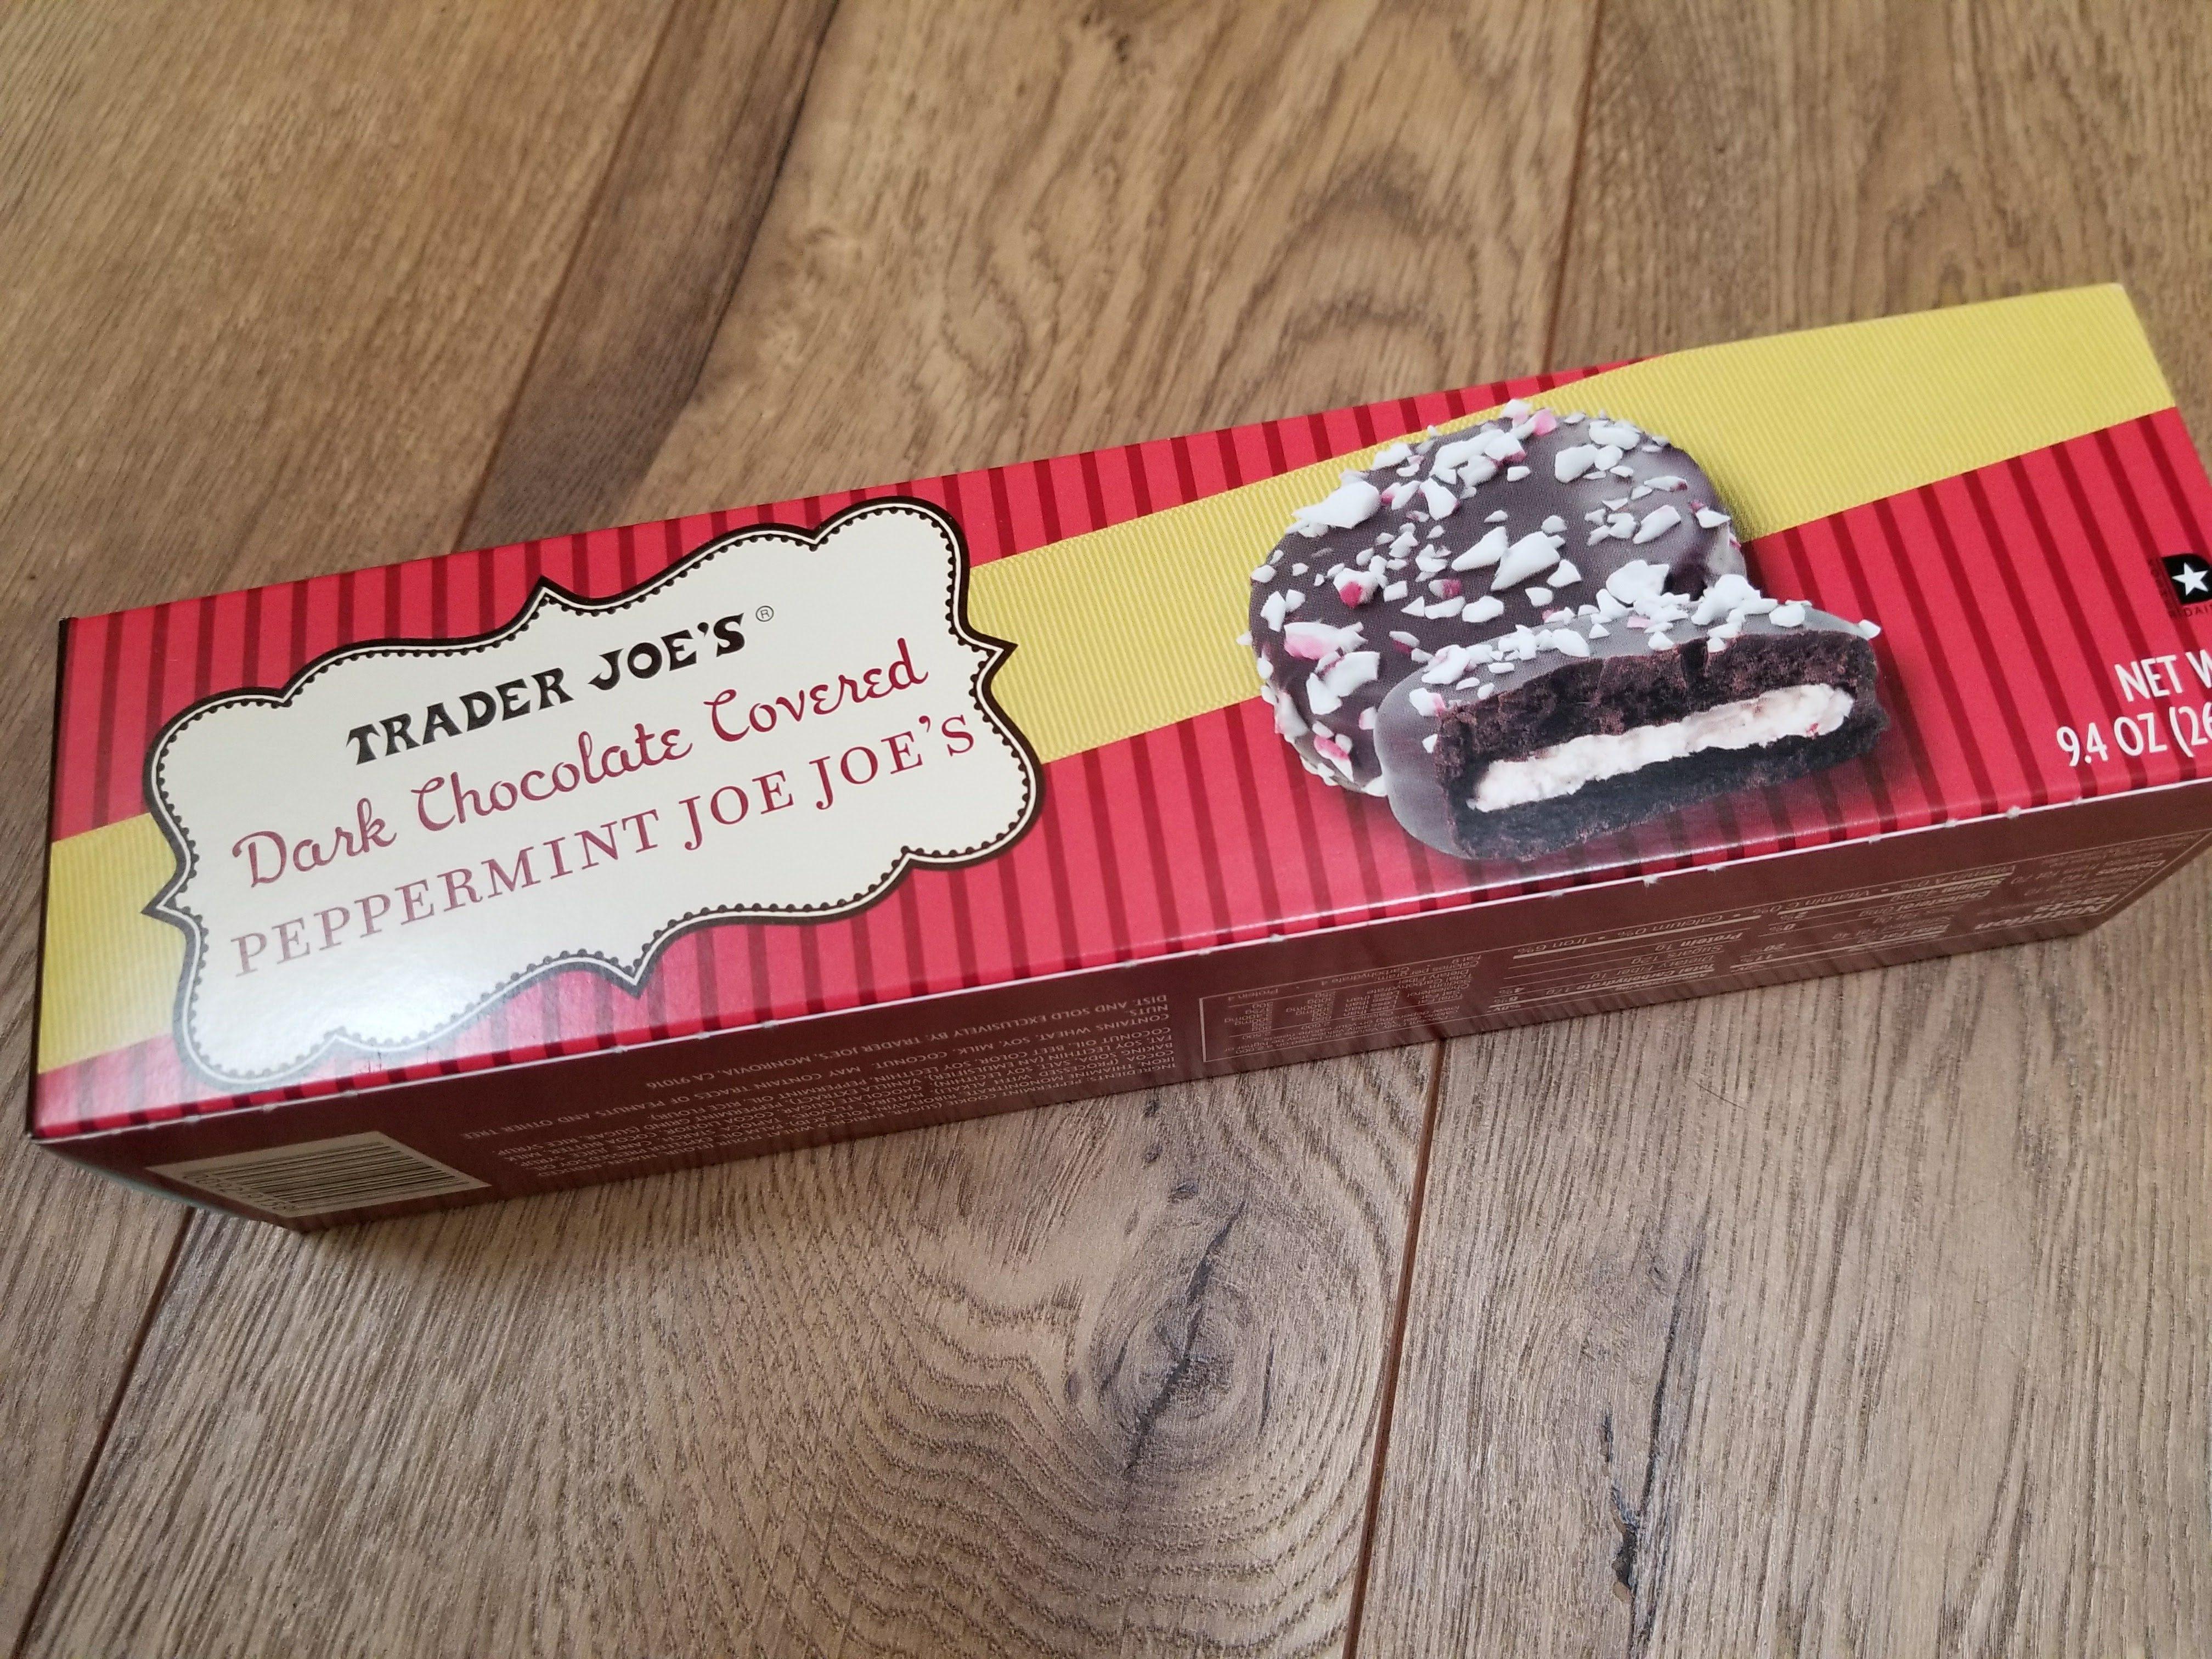 Trader Joes holiday treats